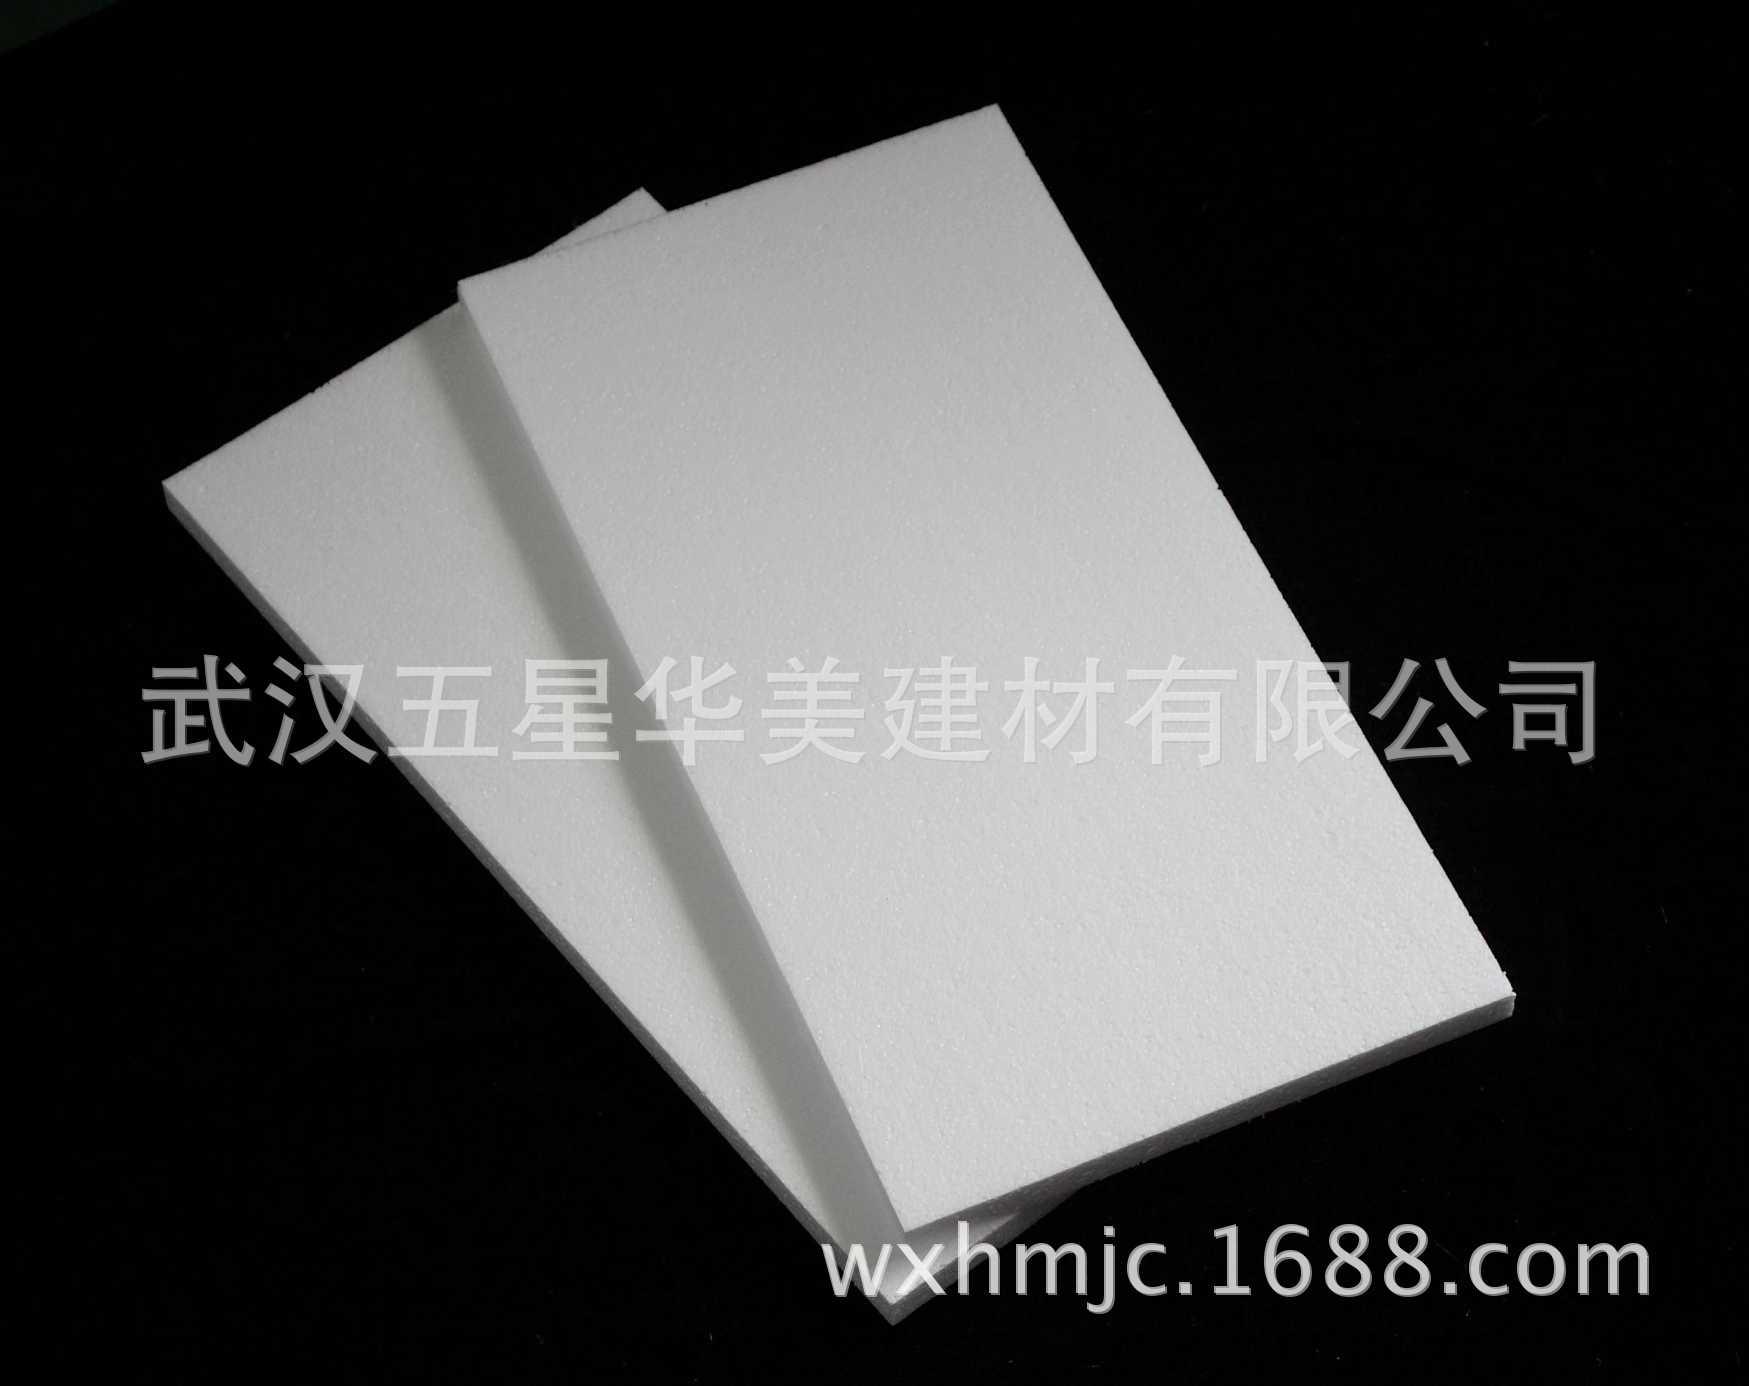 密度板、泡沫包装、聚苯乙烯泡沫板、武汉泡沫板  密度尺寸可定做